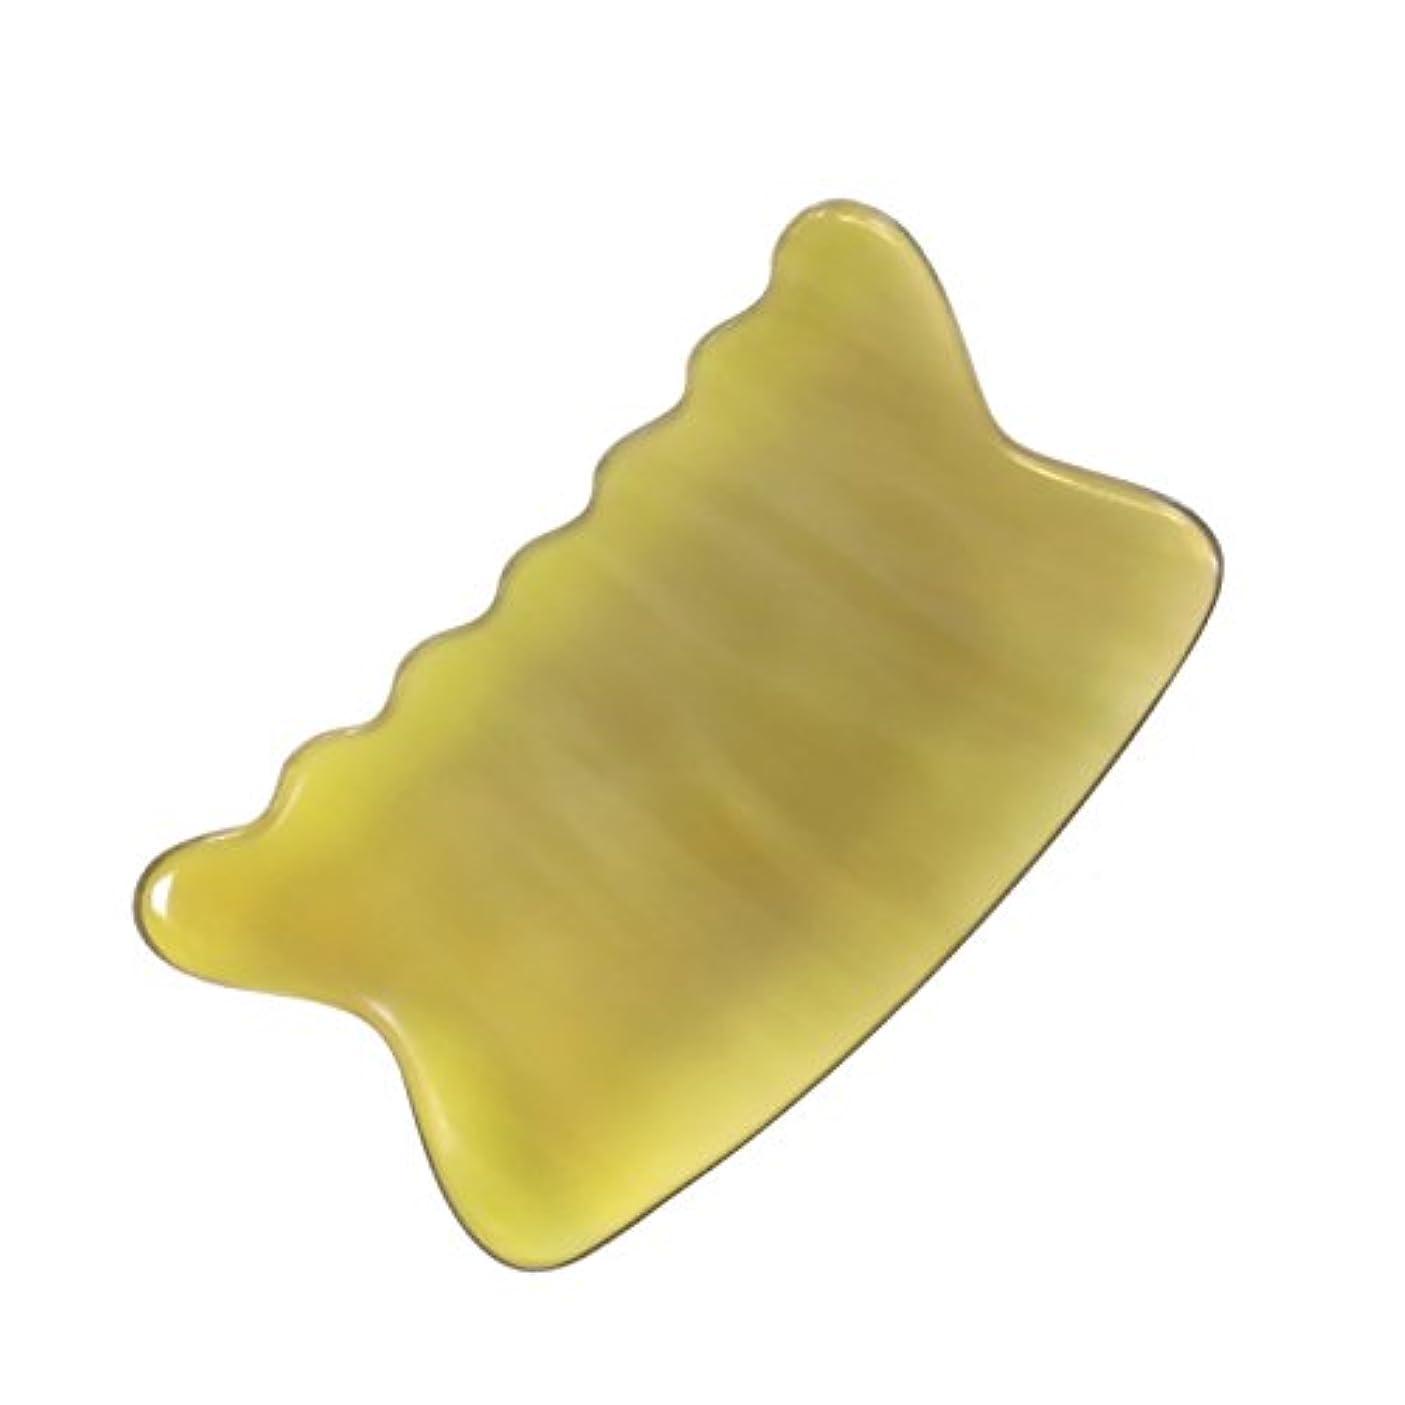 特殊透けて見える負荷かっさ プレート 希少57 黄水牛角 極美品 曲波型